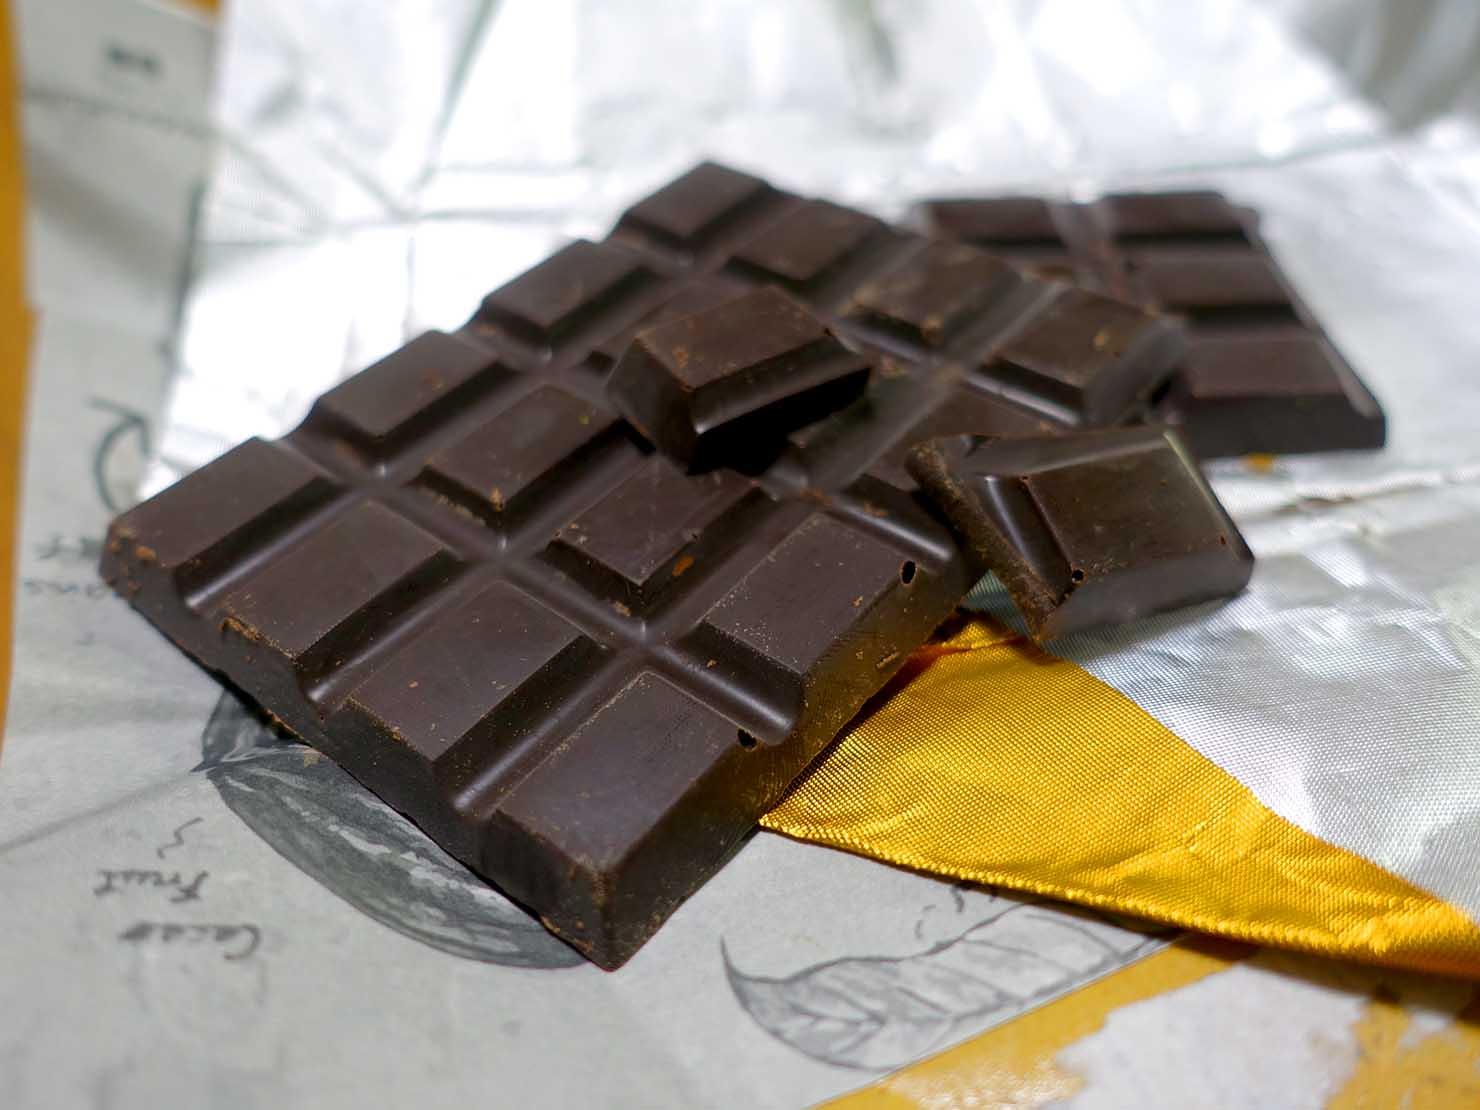 台北おみやげにおすすめのチョコレートブランド・巧遇農情CHOMEET「與眾不同」